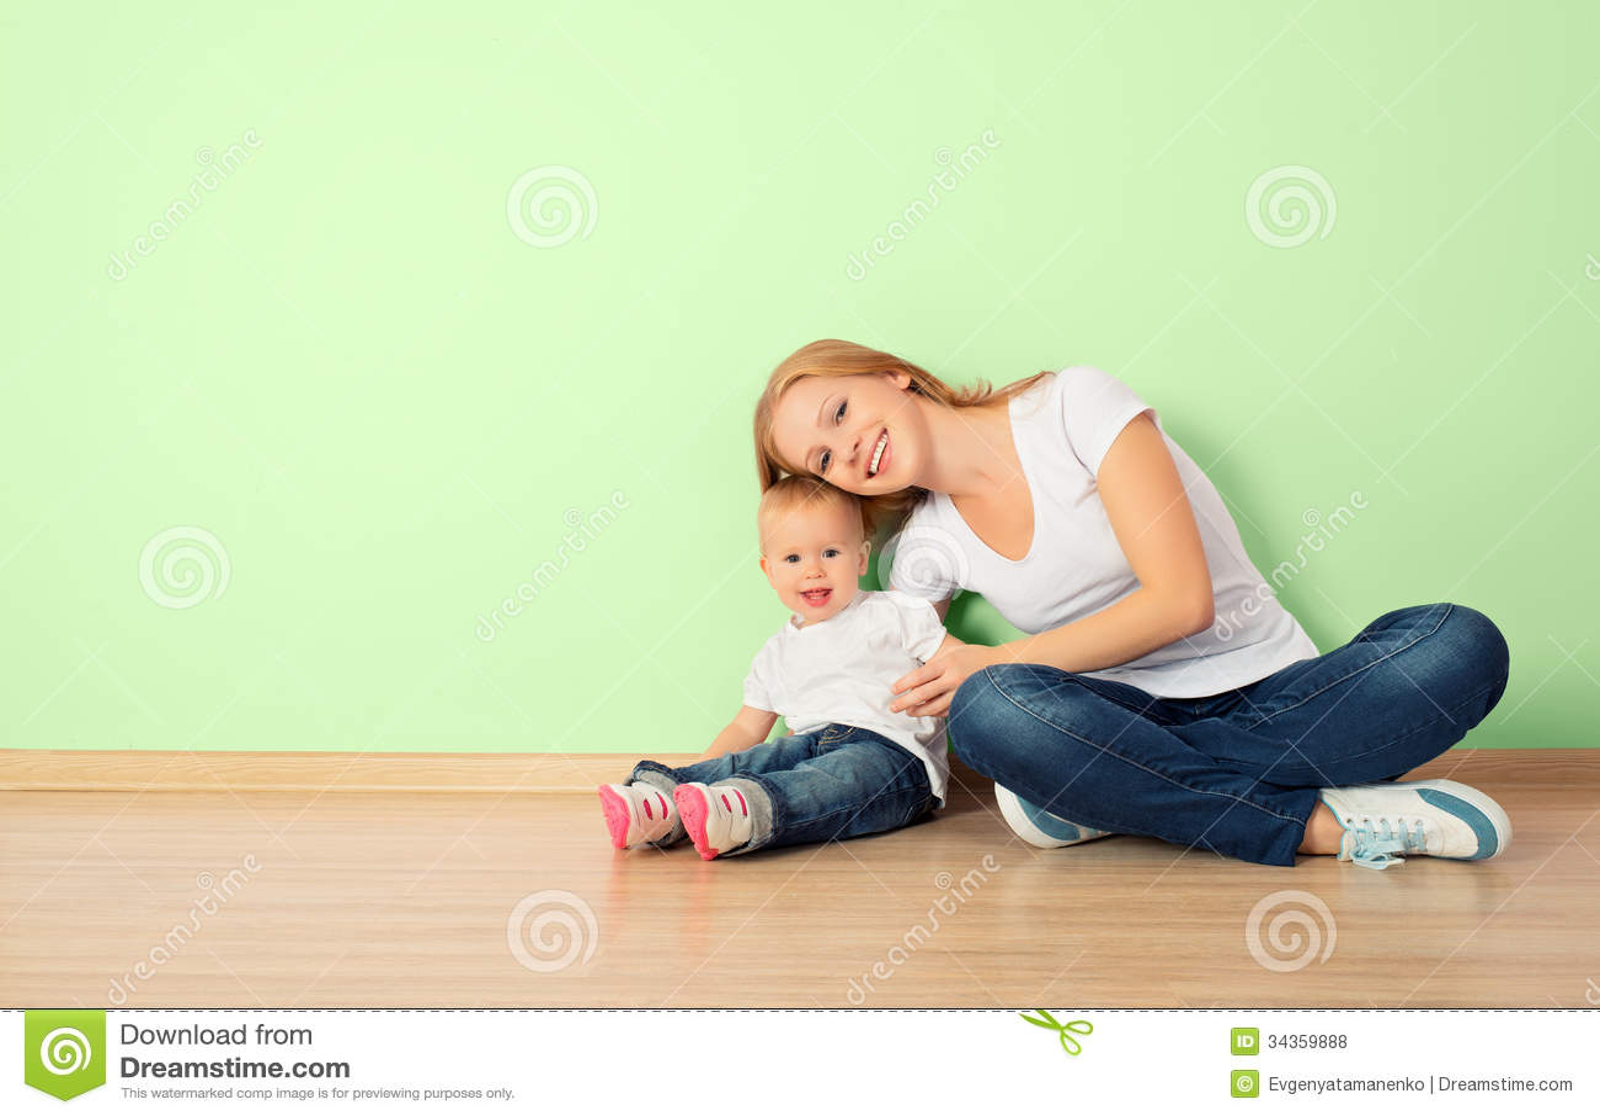 С мамой на полу 8 фотография